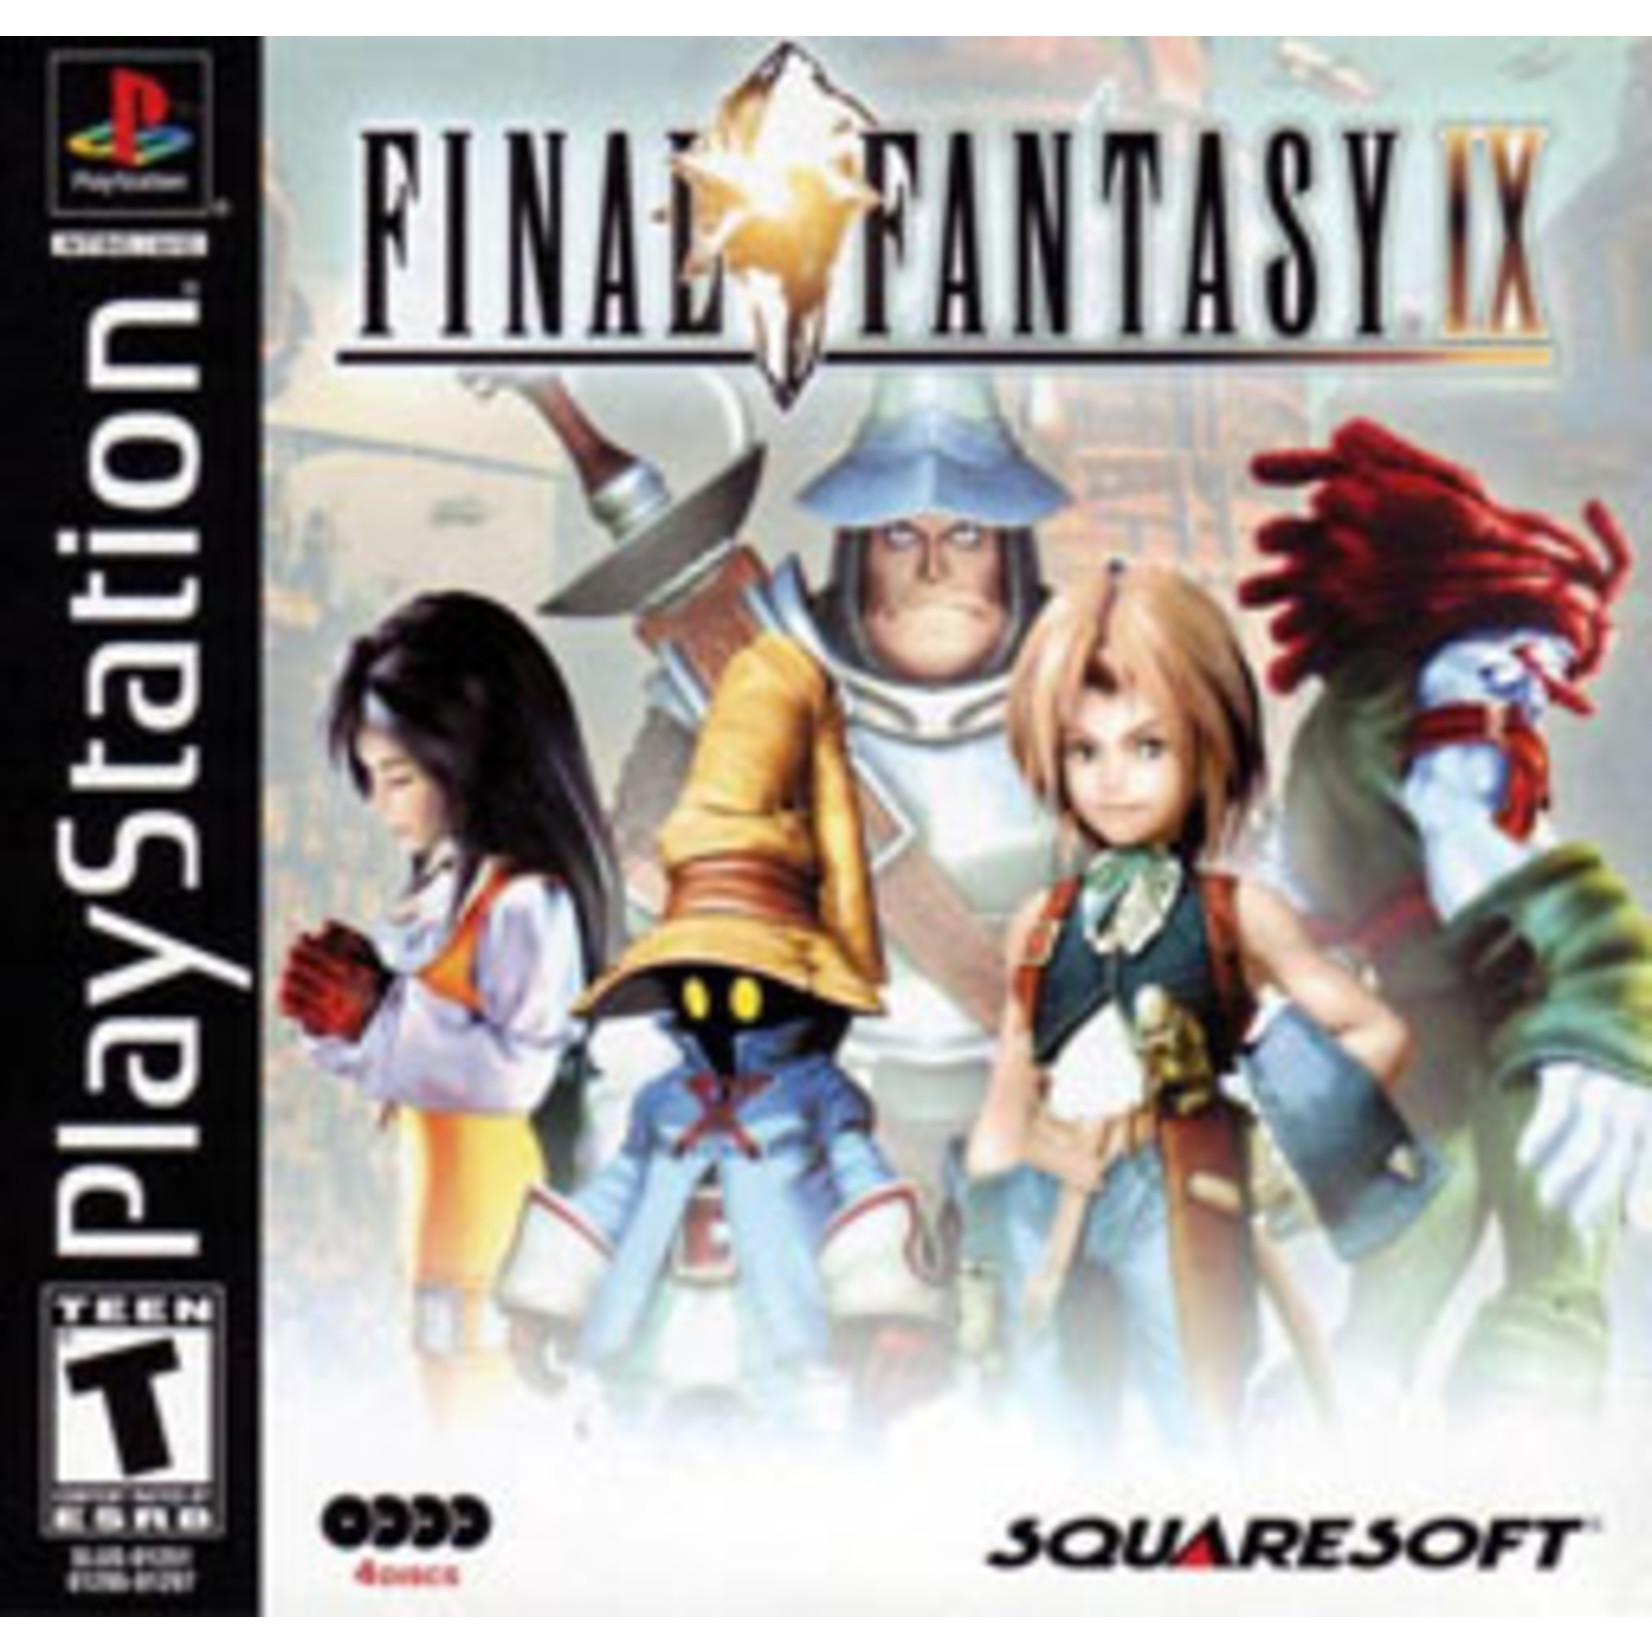 ps1u-Final Fantasy IX (complete)